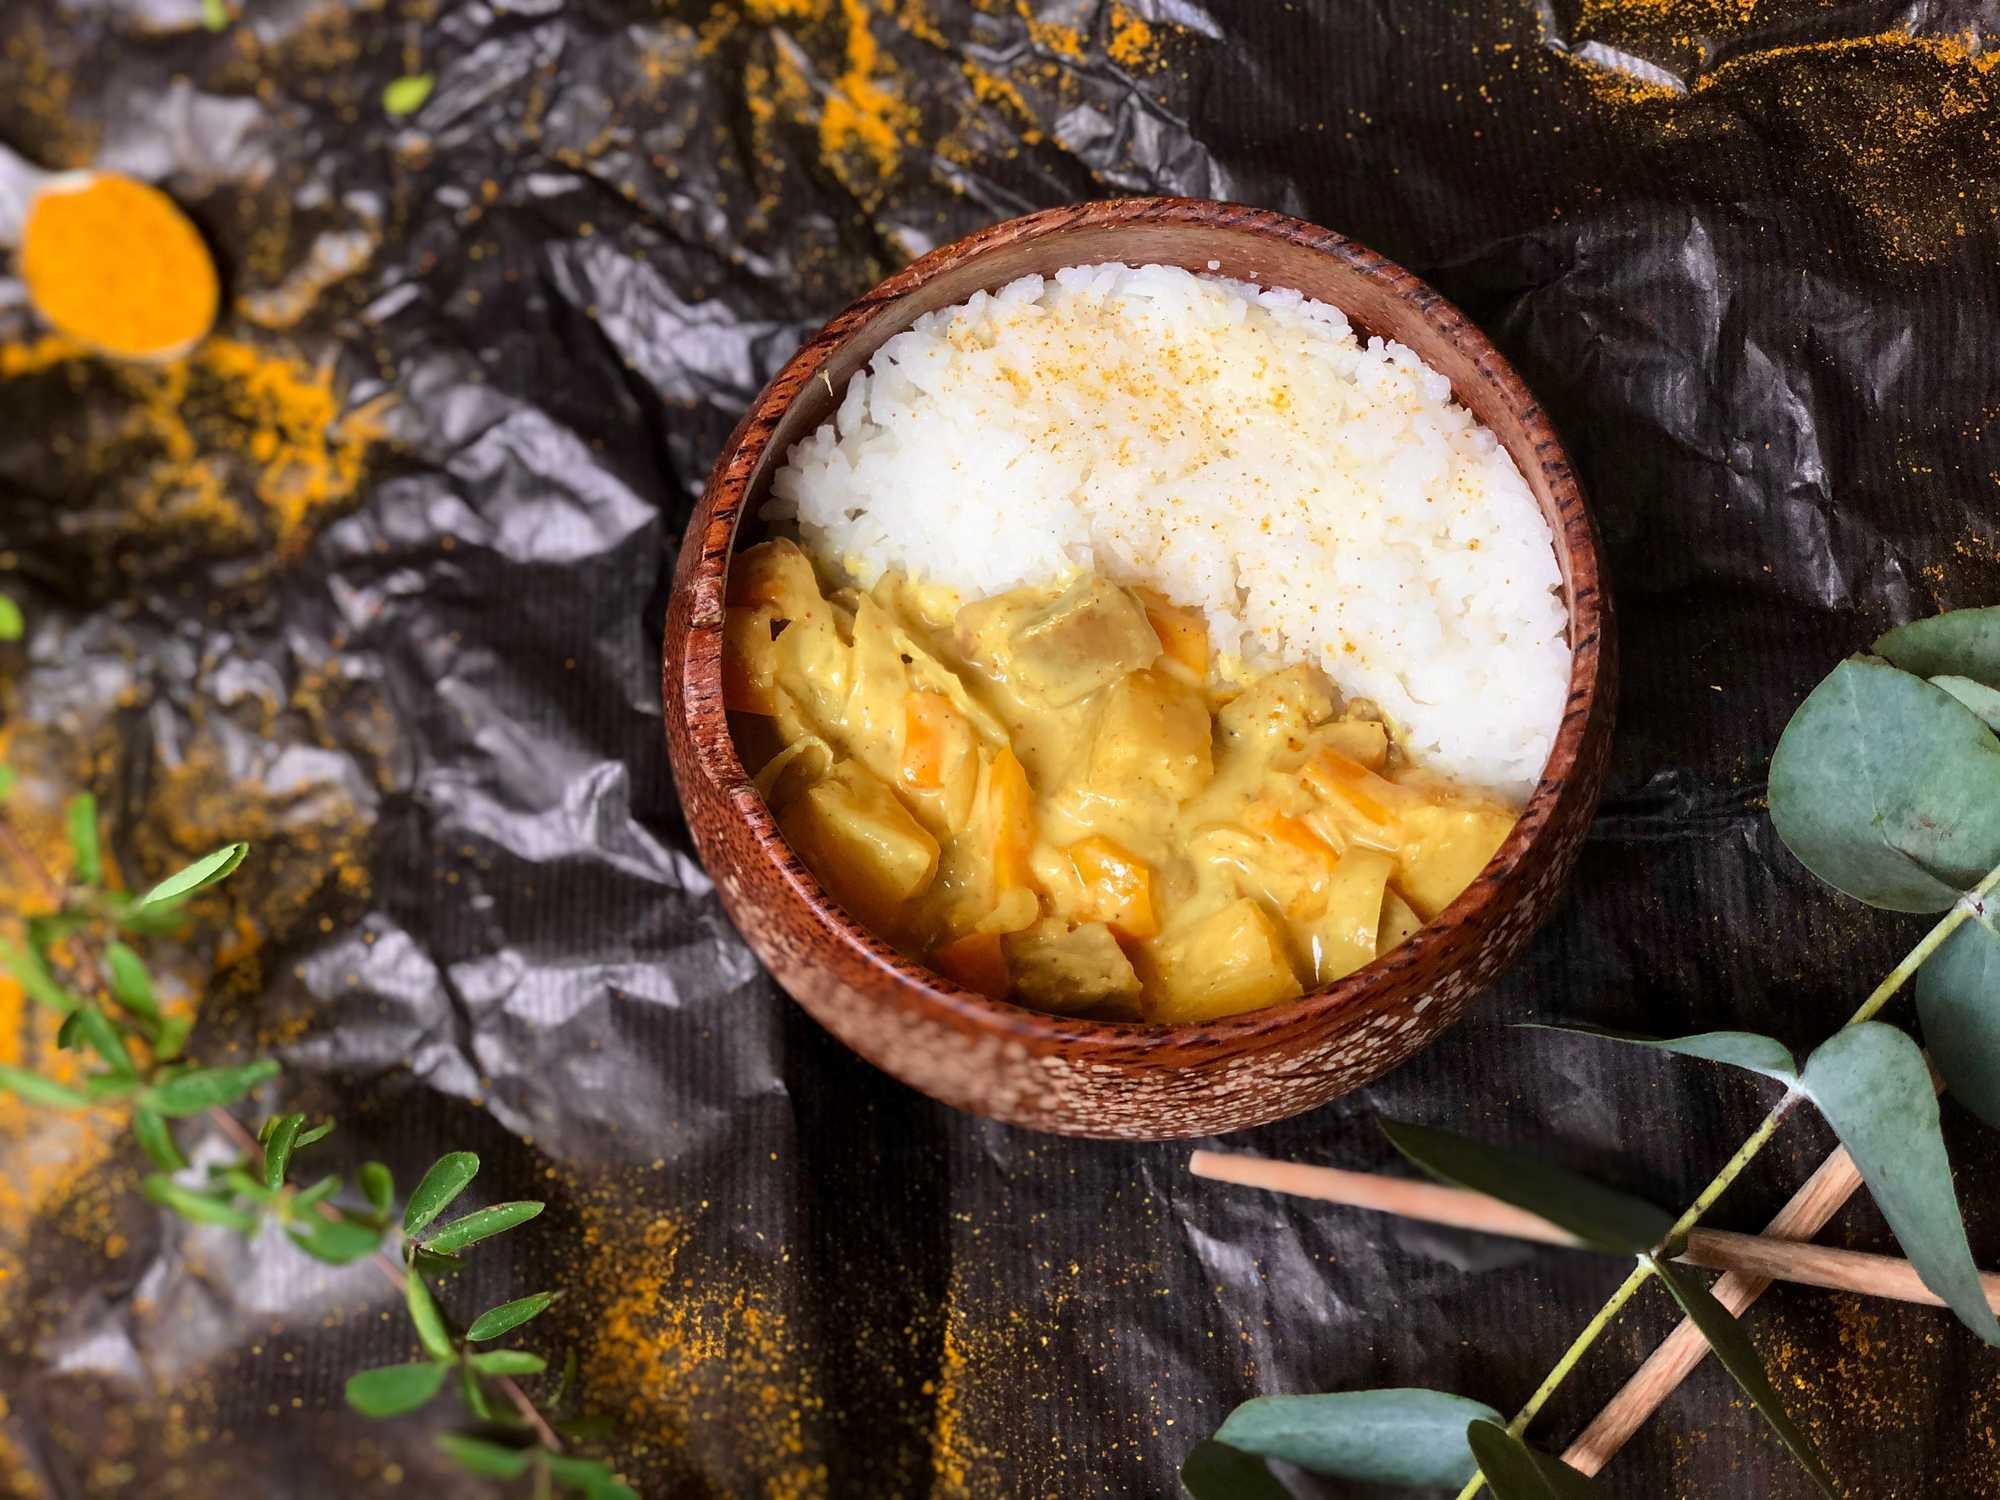 Dans un grand bol en faïance, on retrouve d'un côté l'ananas et le seitan coupé en petits morceaux, et de l'autre côté du riz.